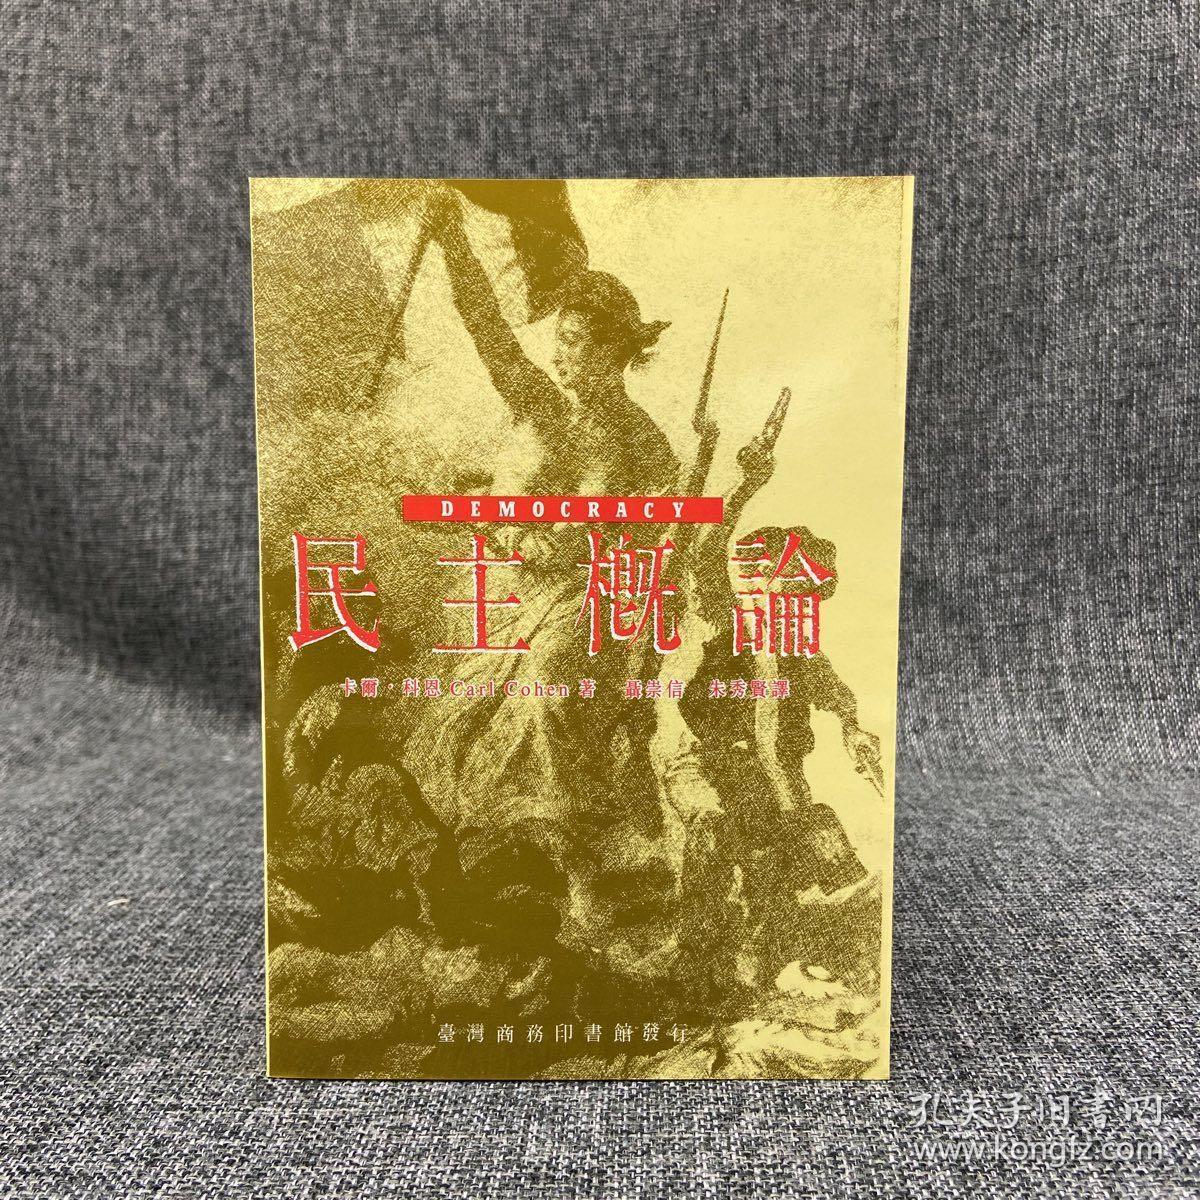 台湾商务版 卡爾‧科恩《民主概論 (Democracy)》(锁线胶订)